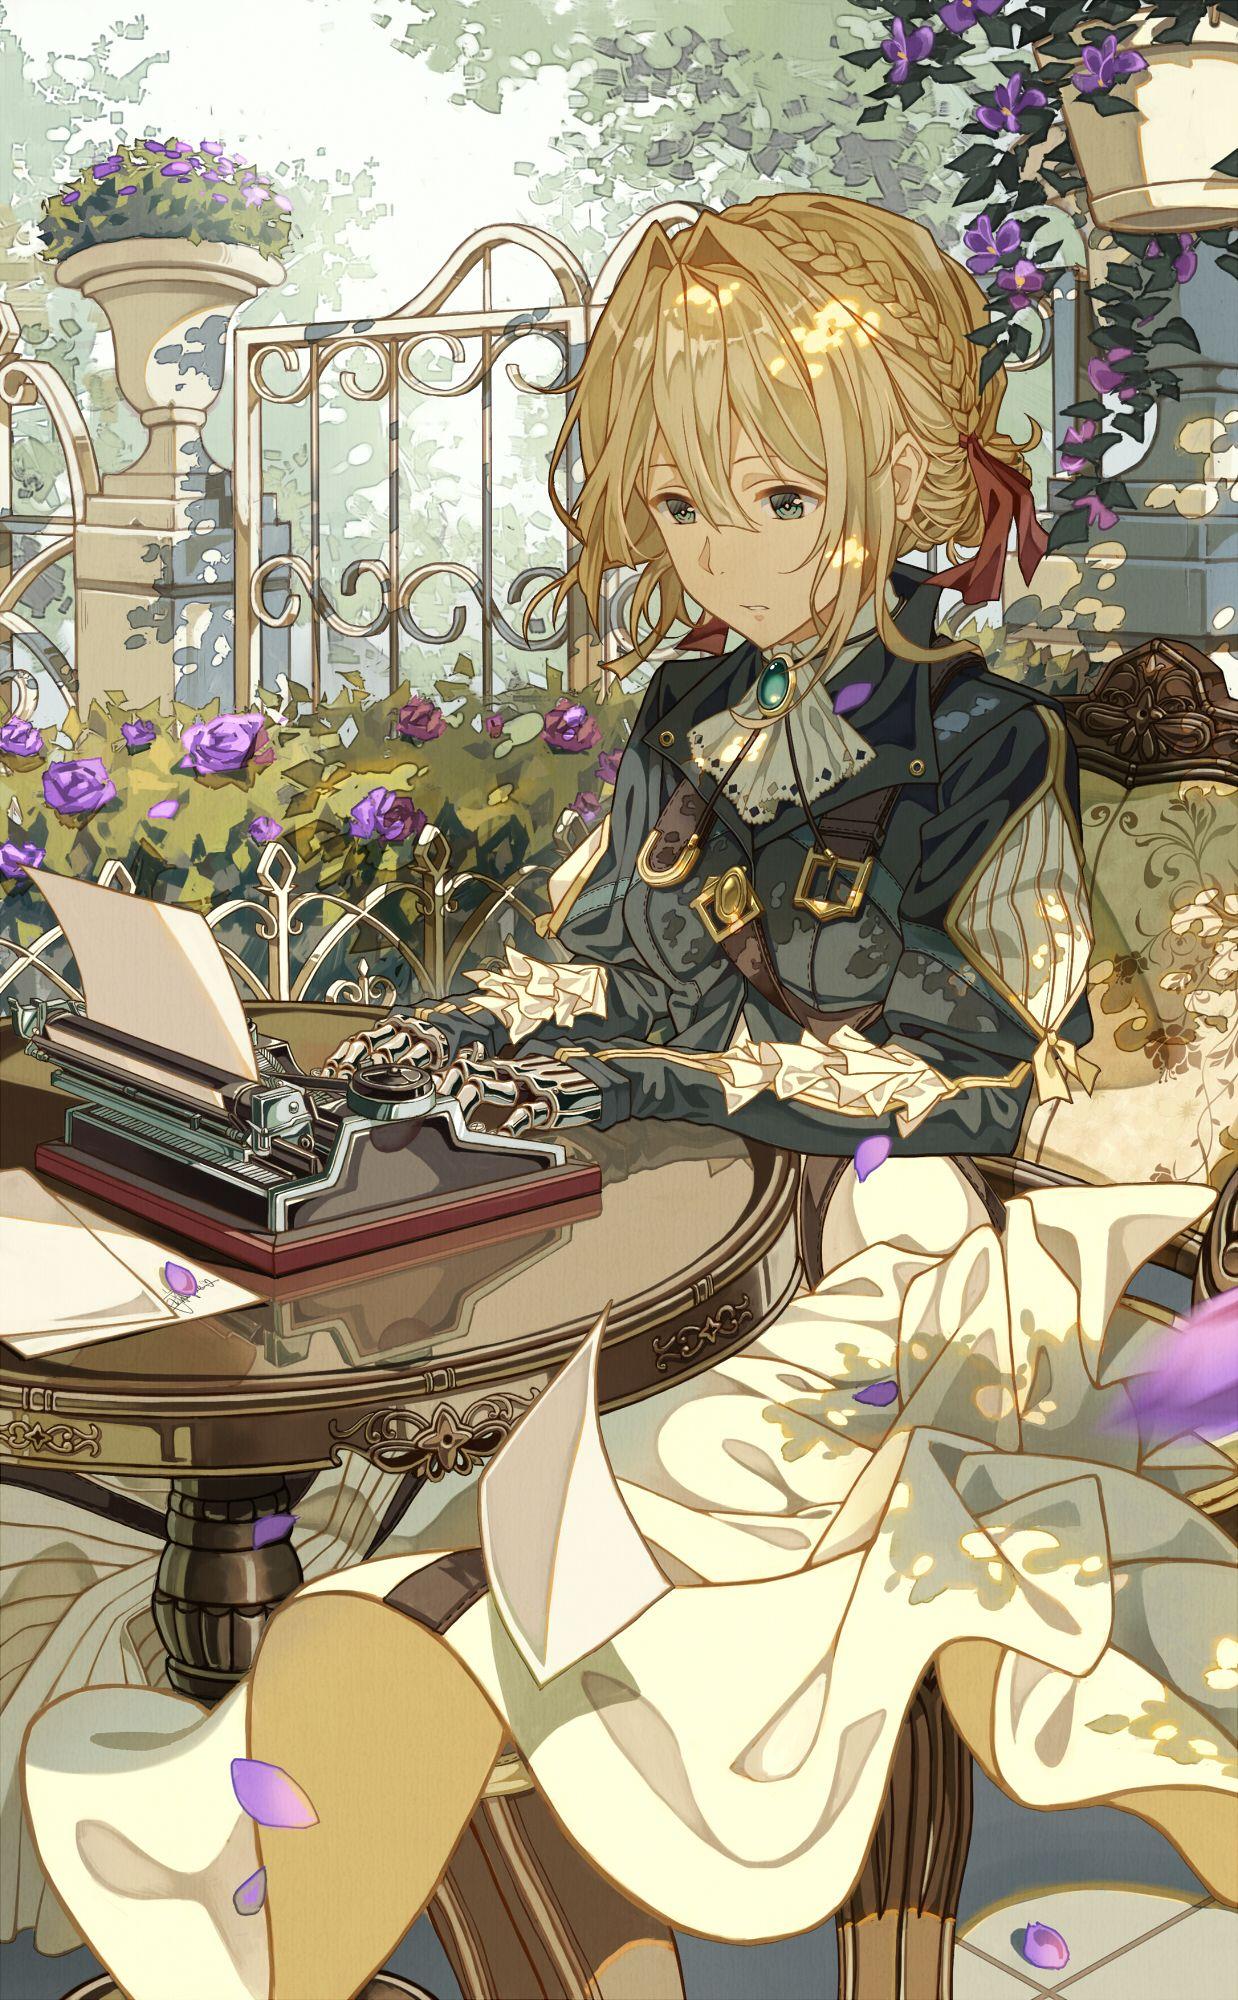 Best Anime Backgrounds Wallpaper Engine : anime, backgrounds, wallpaper, engine, Wallpaper, Engine, Violet, Evergarden